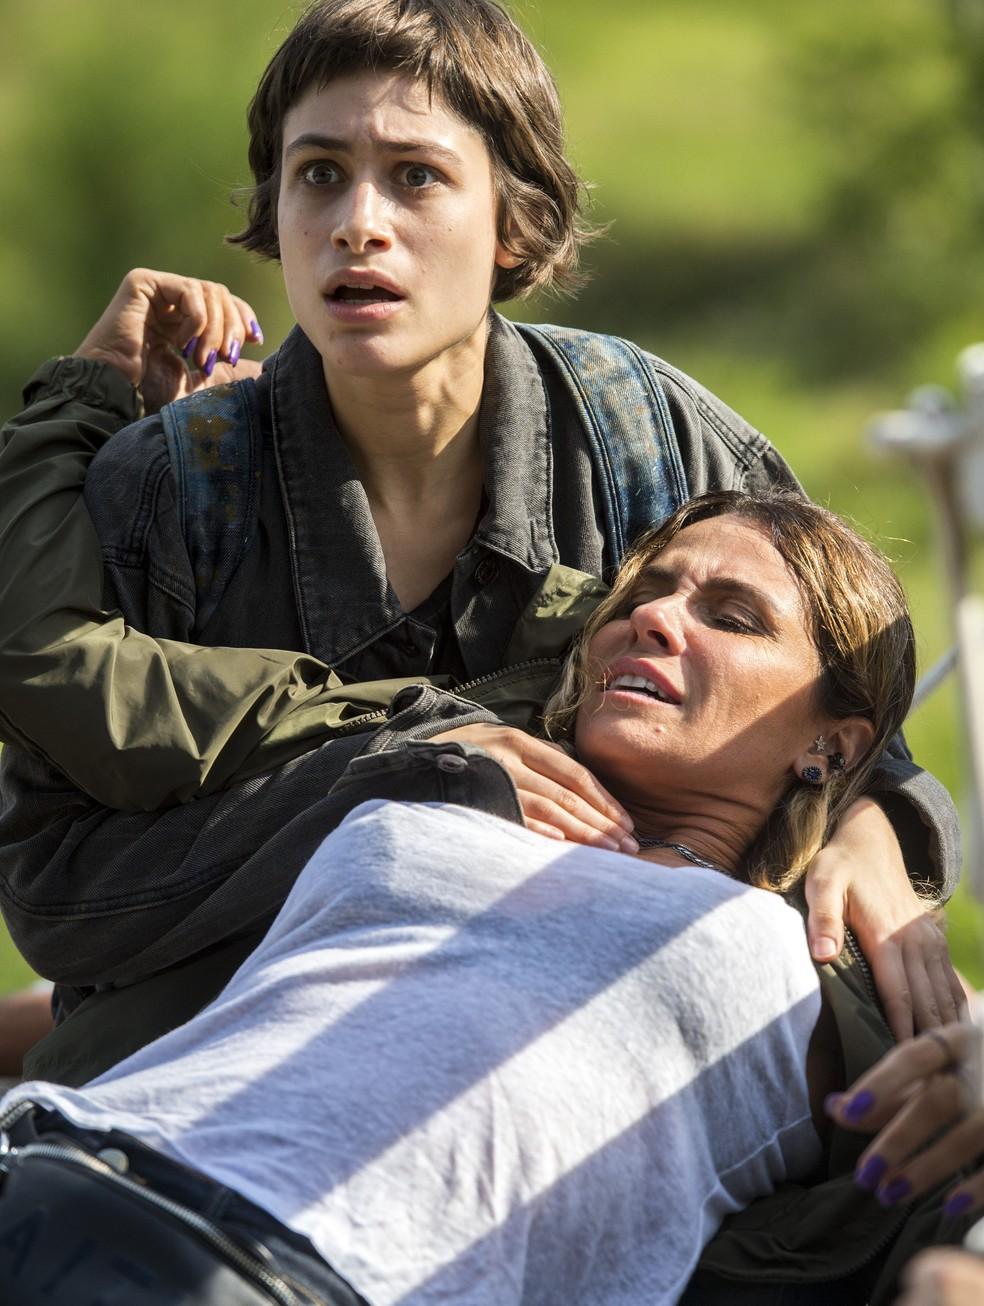 Luzia arrisca a própria vida para salvar Manu (Foto: Globo/João Cotta)